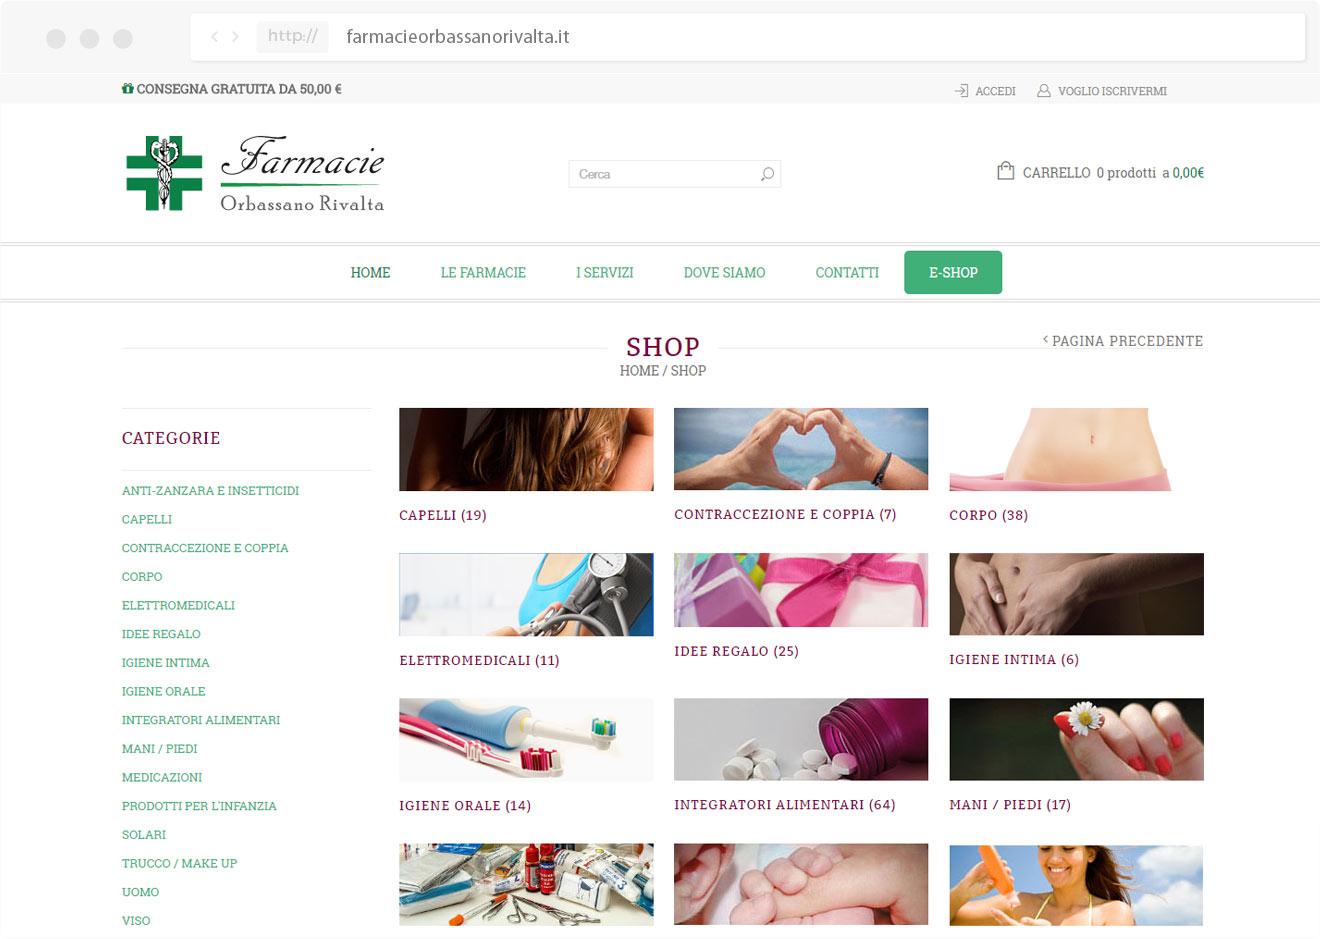 farmacie-orbassano-rivalta-trew-siti-web